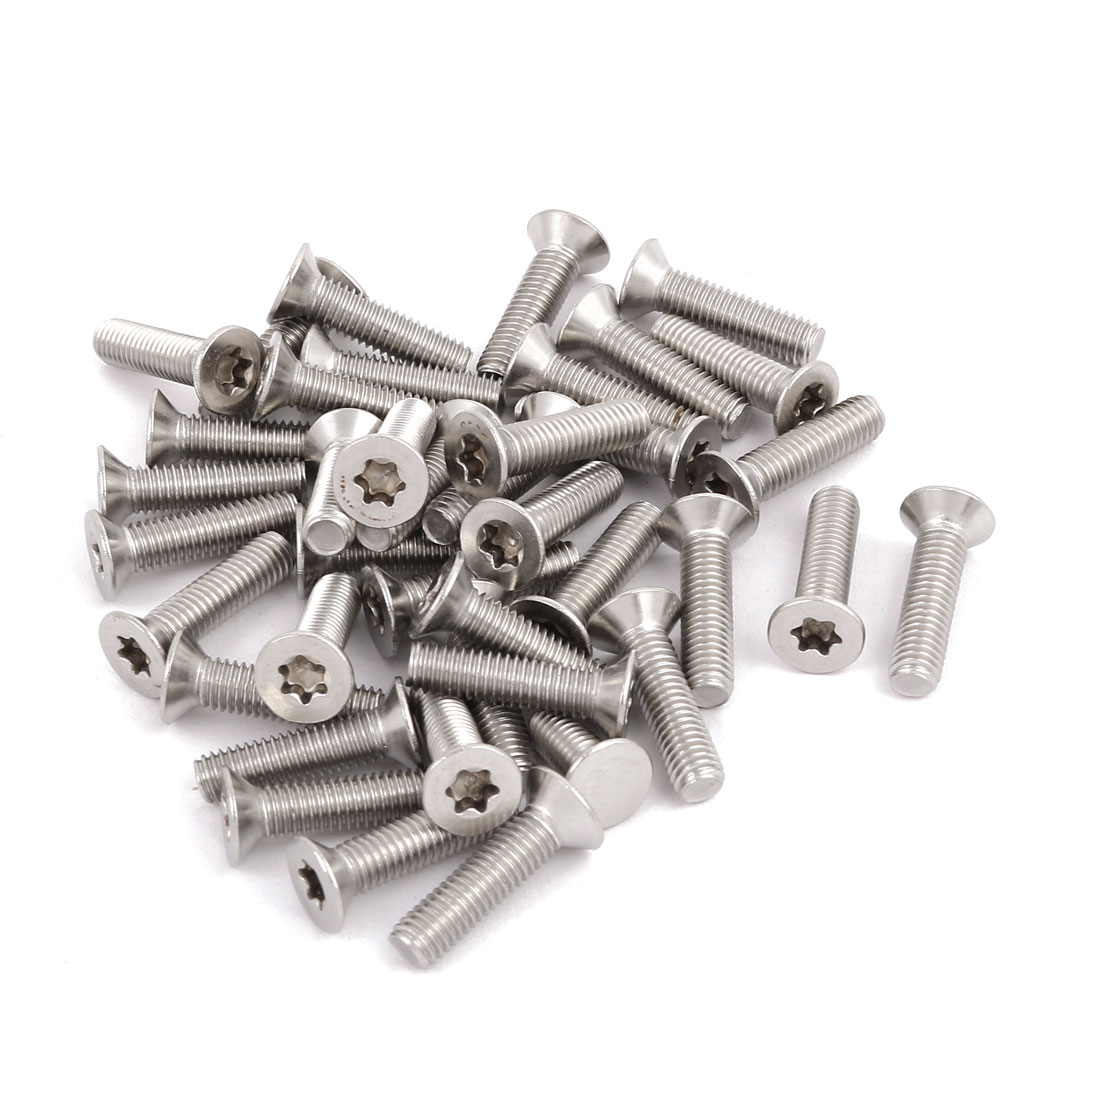 M5x20mm 304 Stainless Steel Fully Thread Flat Head Torx Screws Fasteners 40pcs